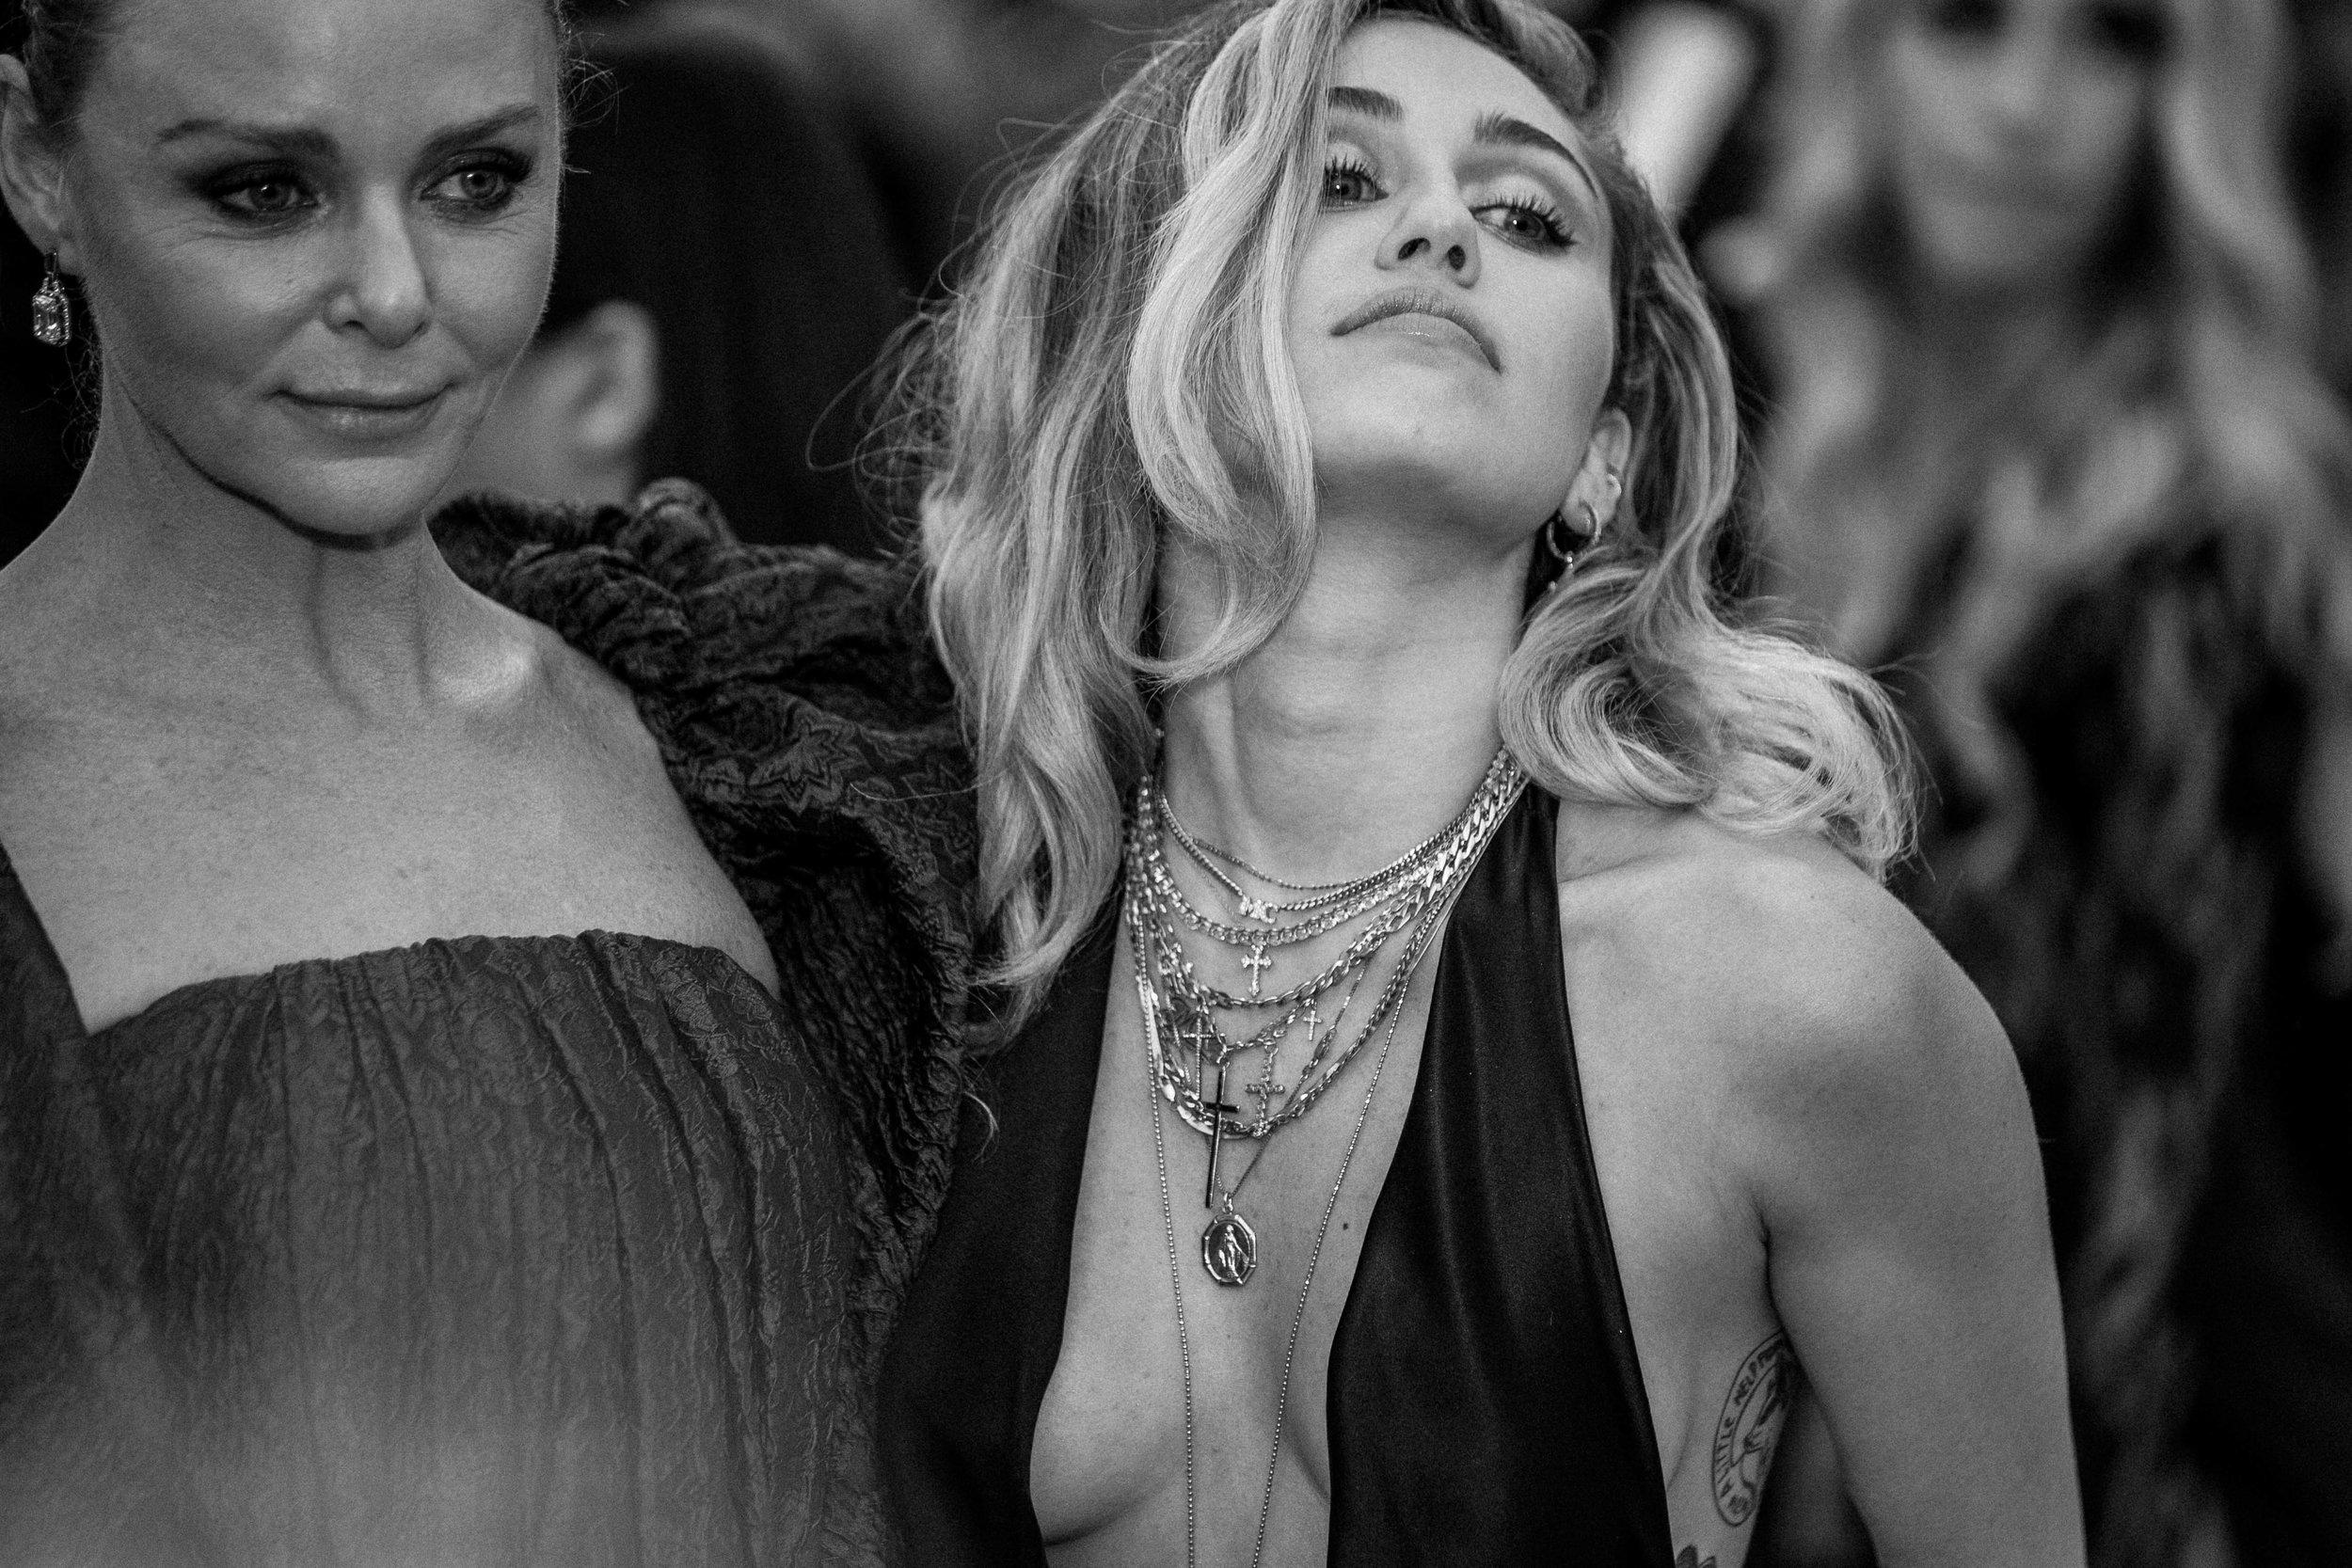 Miley Cyrus at the 2018 Met Gala. Photograph by Siyu Tang.